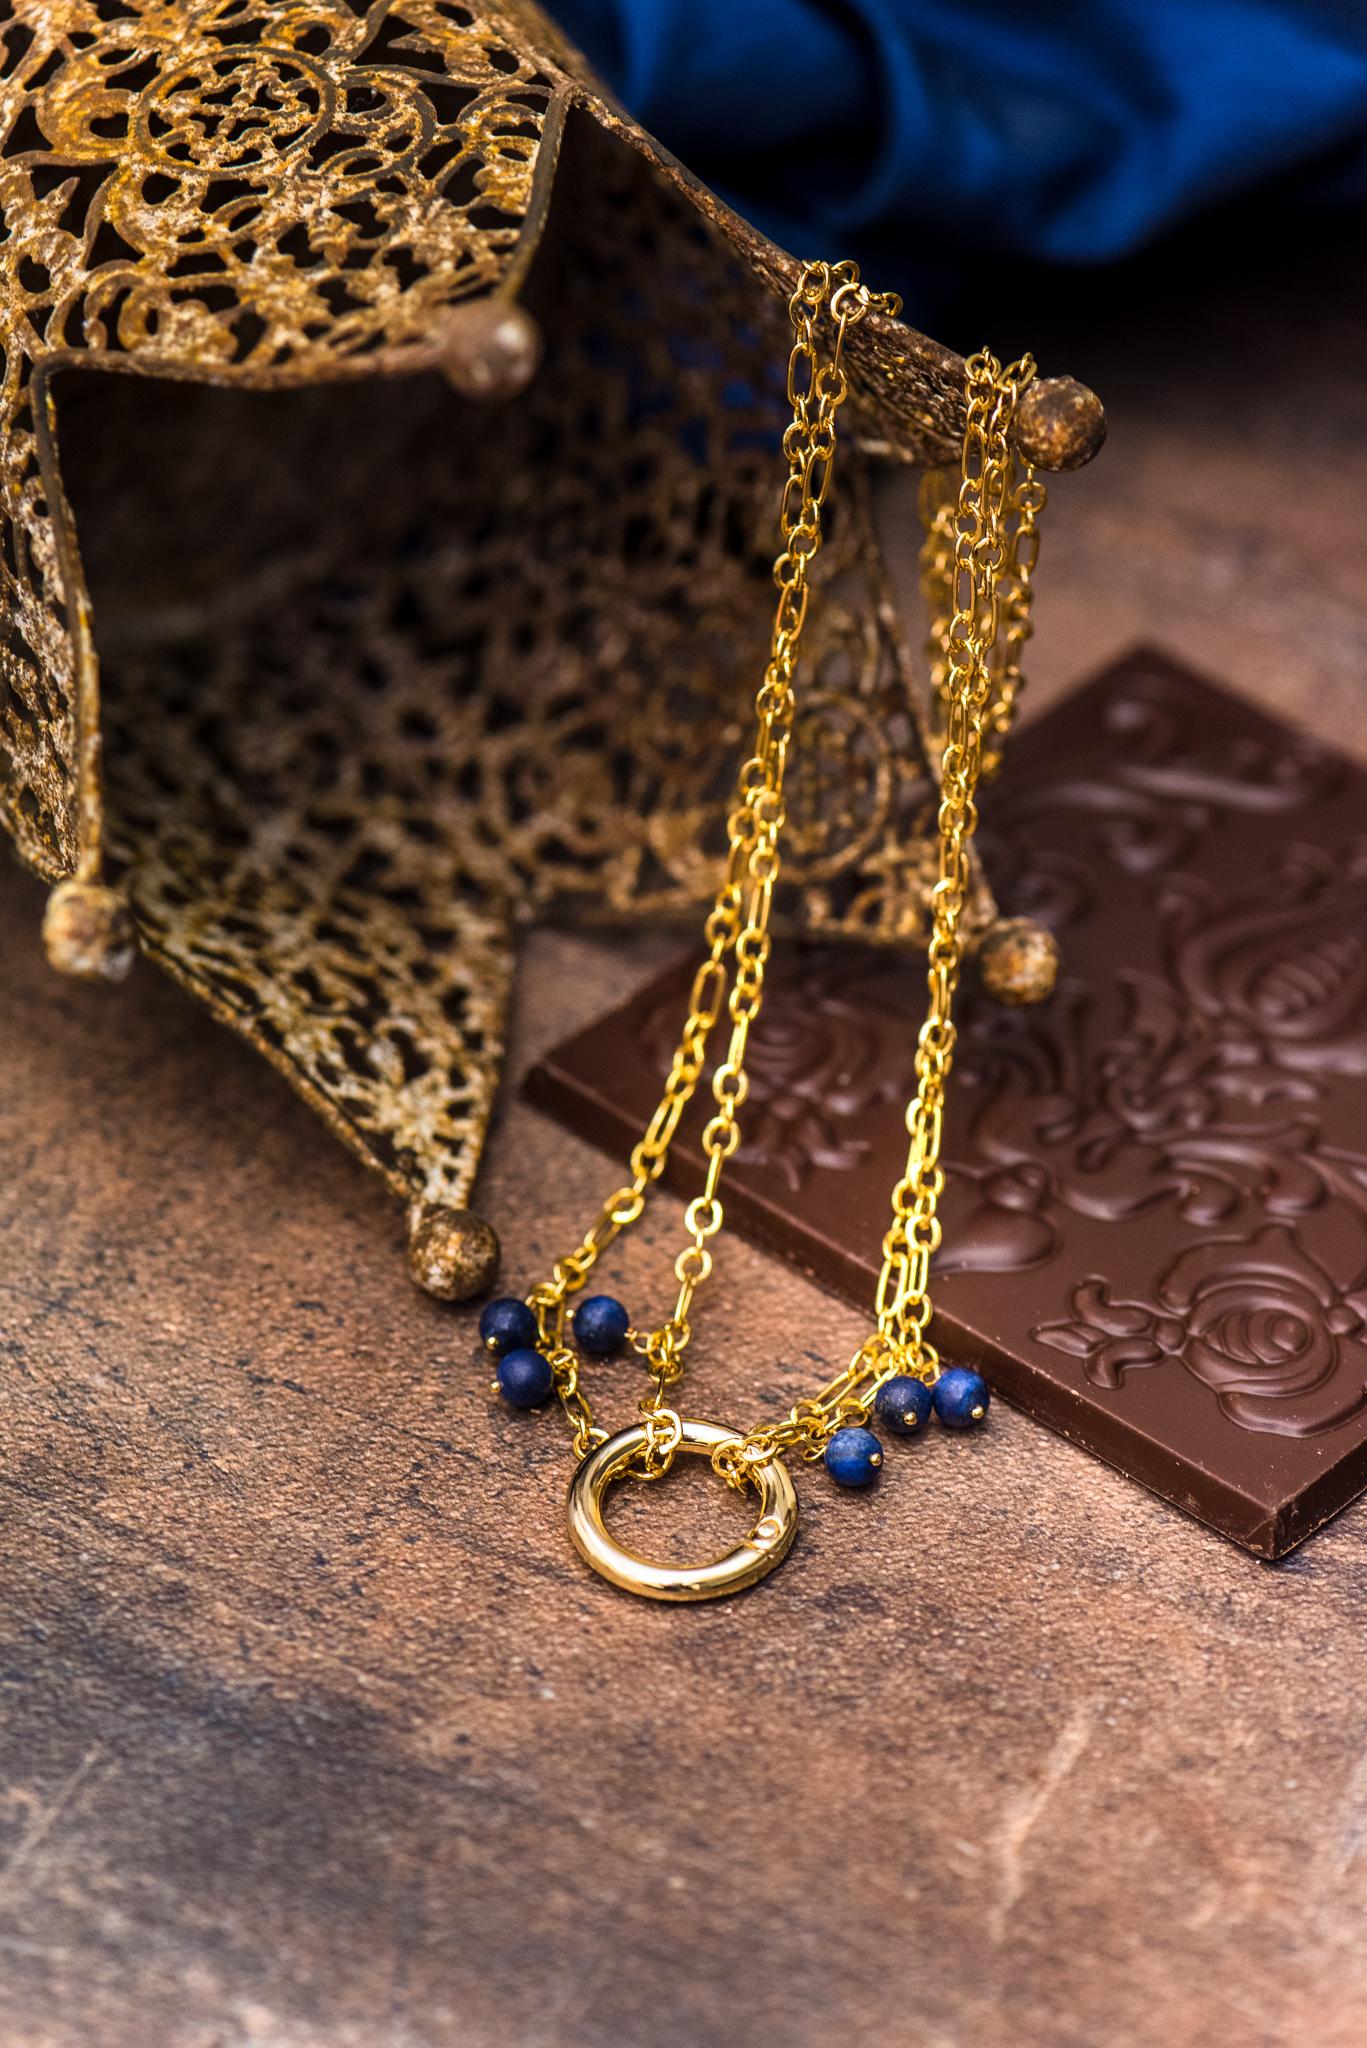 kék virágos szett lápisz lazulikkal második nyaklánc